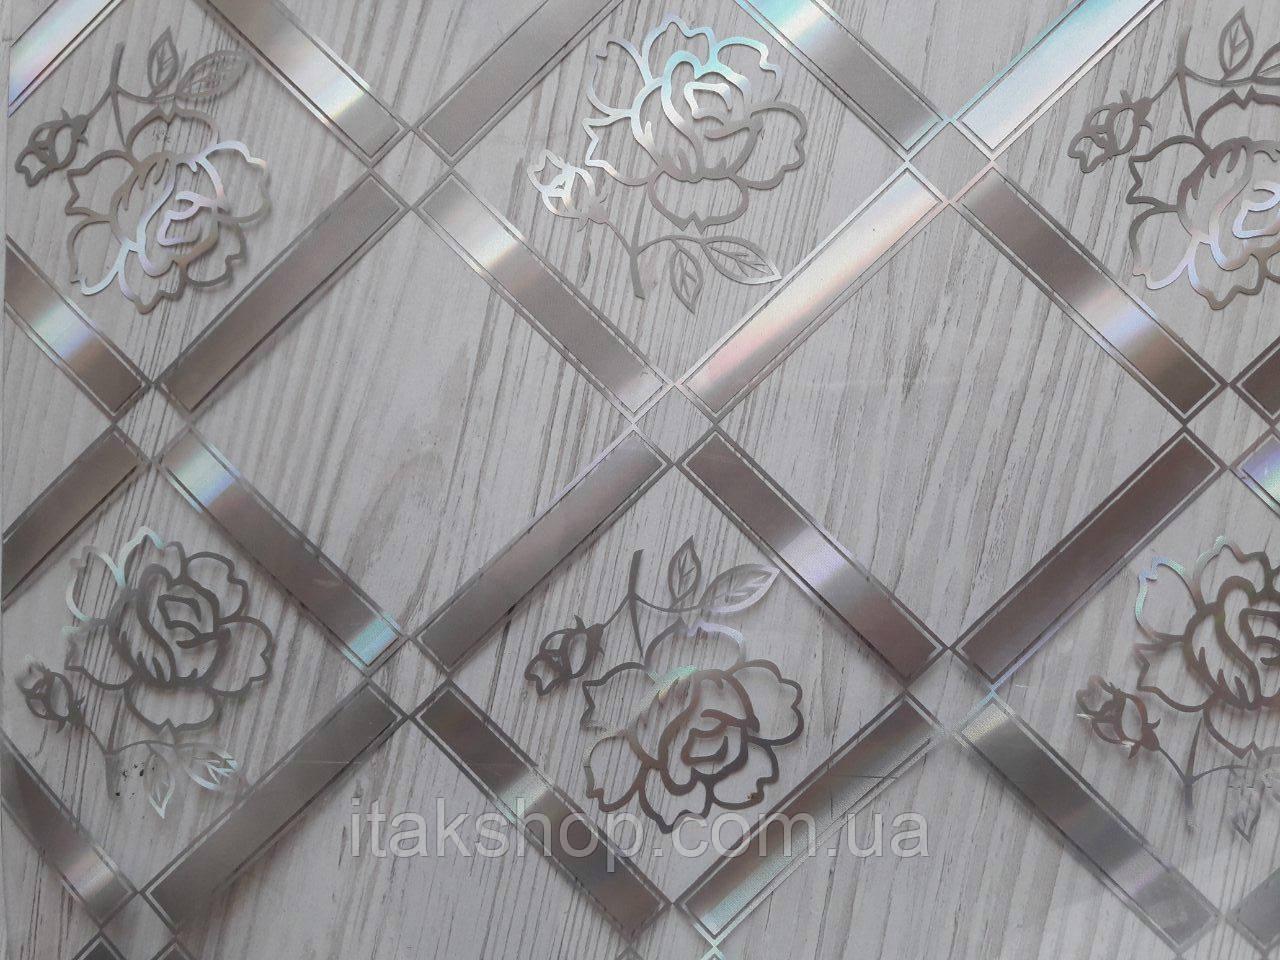 М'яке скло Скатертину з лазерним малюнком Soft Glass 1.0х0.8м товщина 1.5 мм Срібляста троянда в квадраті